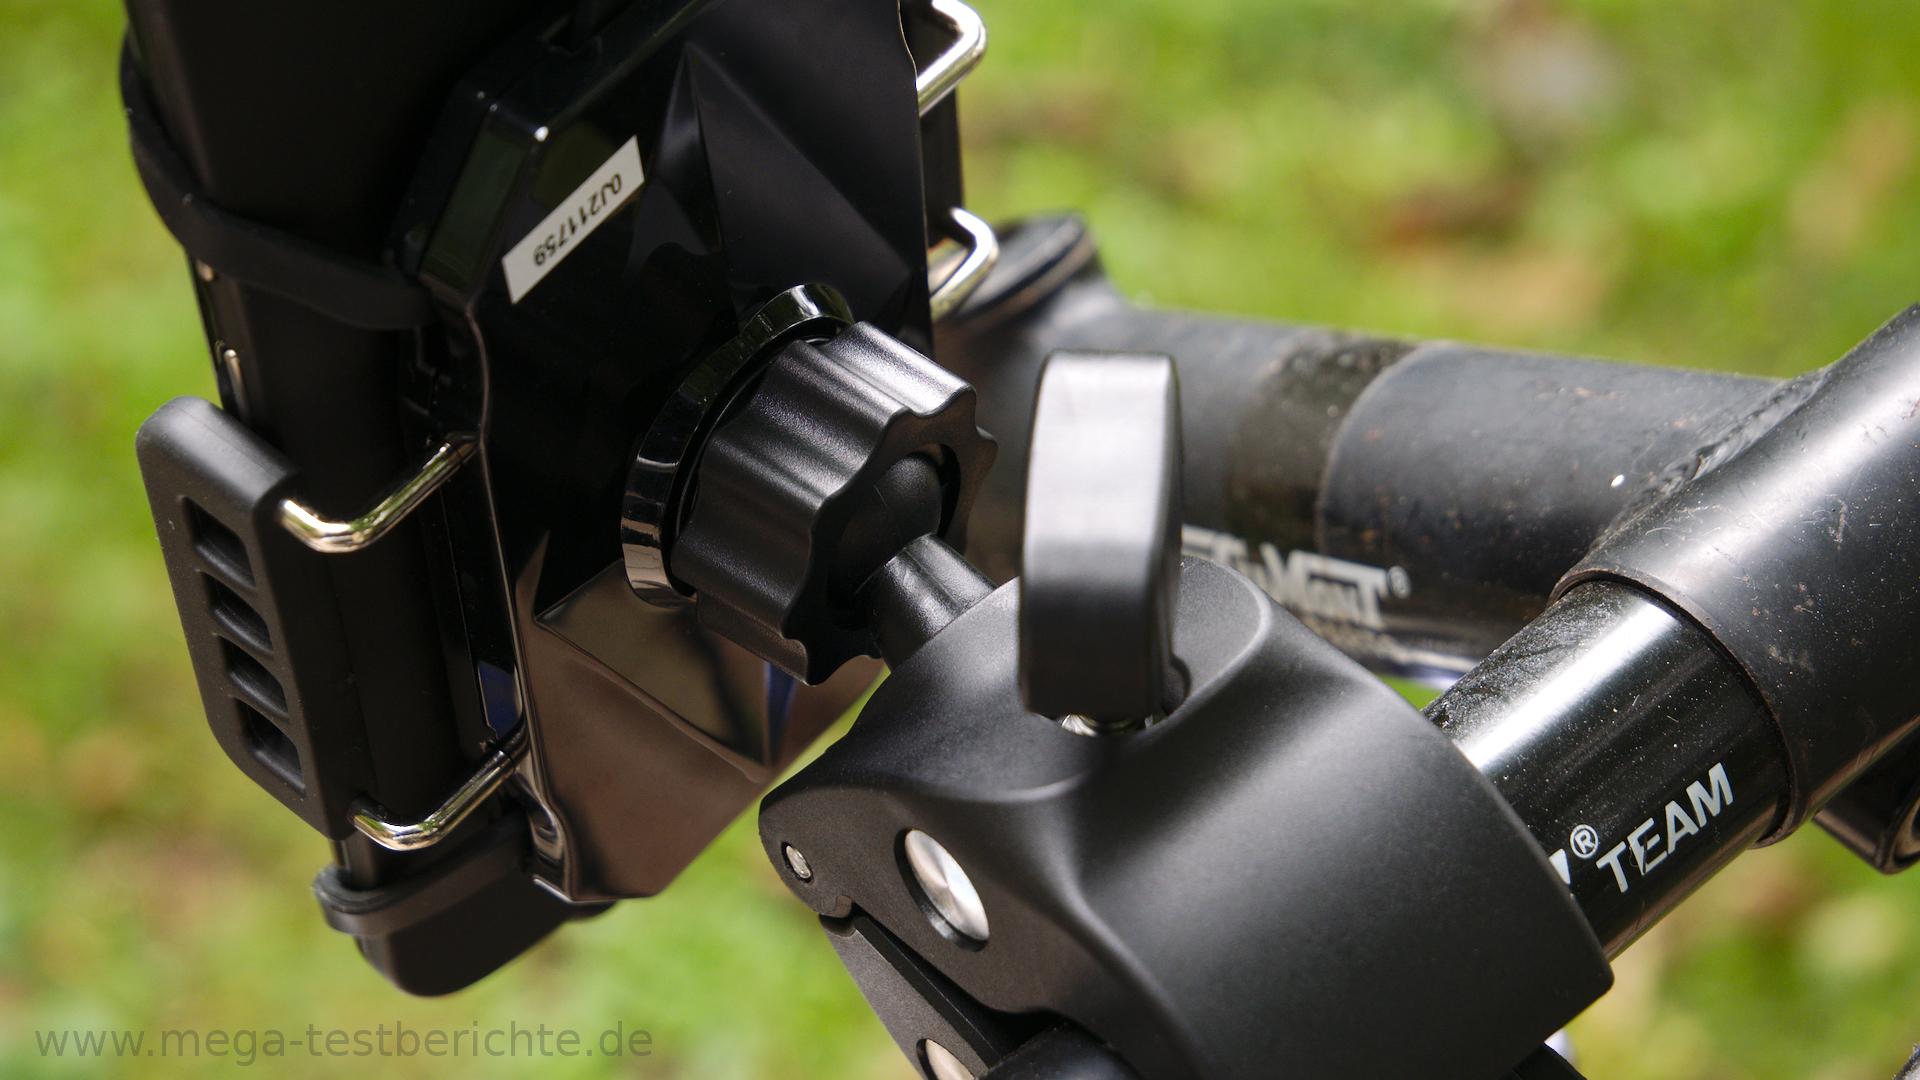 vava handyhalterung va sh007 preiswerte flexible halterung f rs fahrrad motorr der und. Black Bedroom Furniture Sets. Home Design Ideas